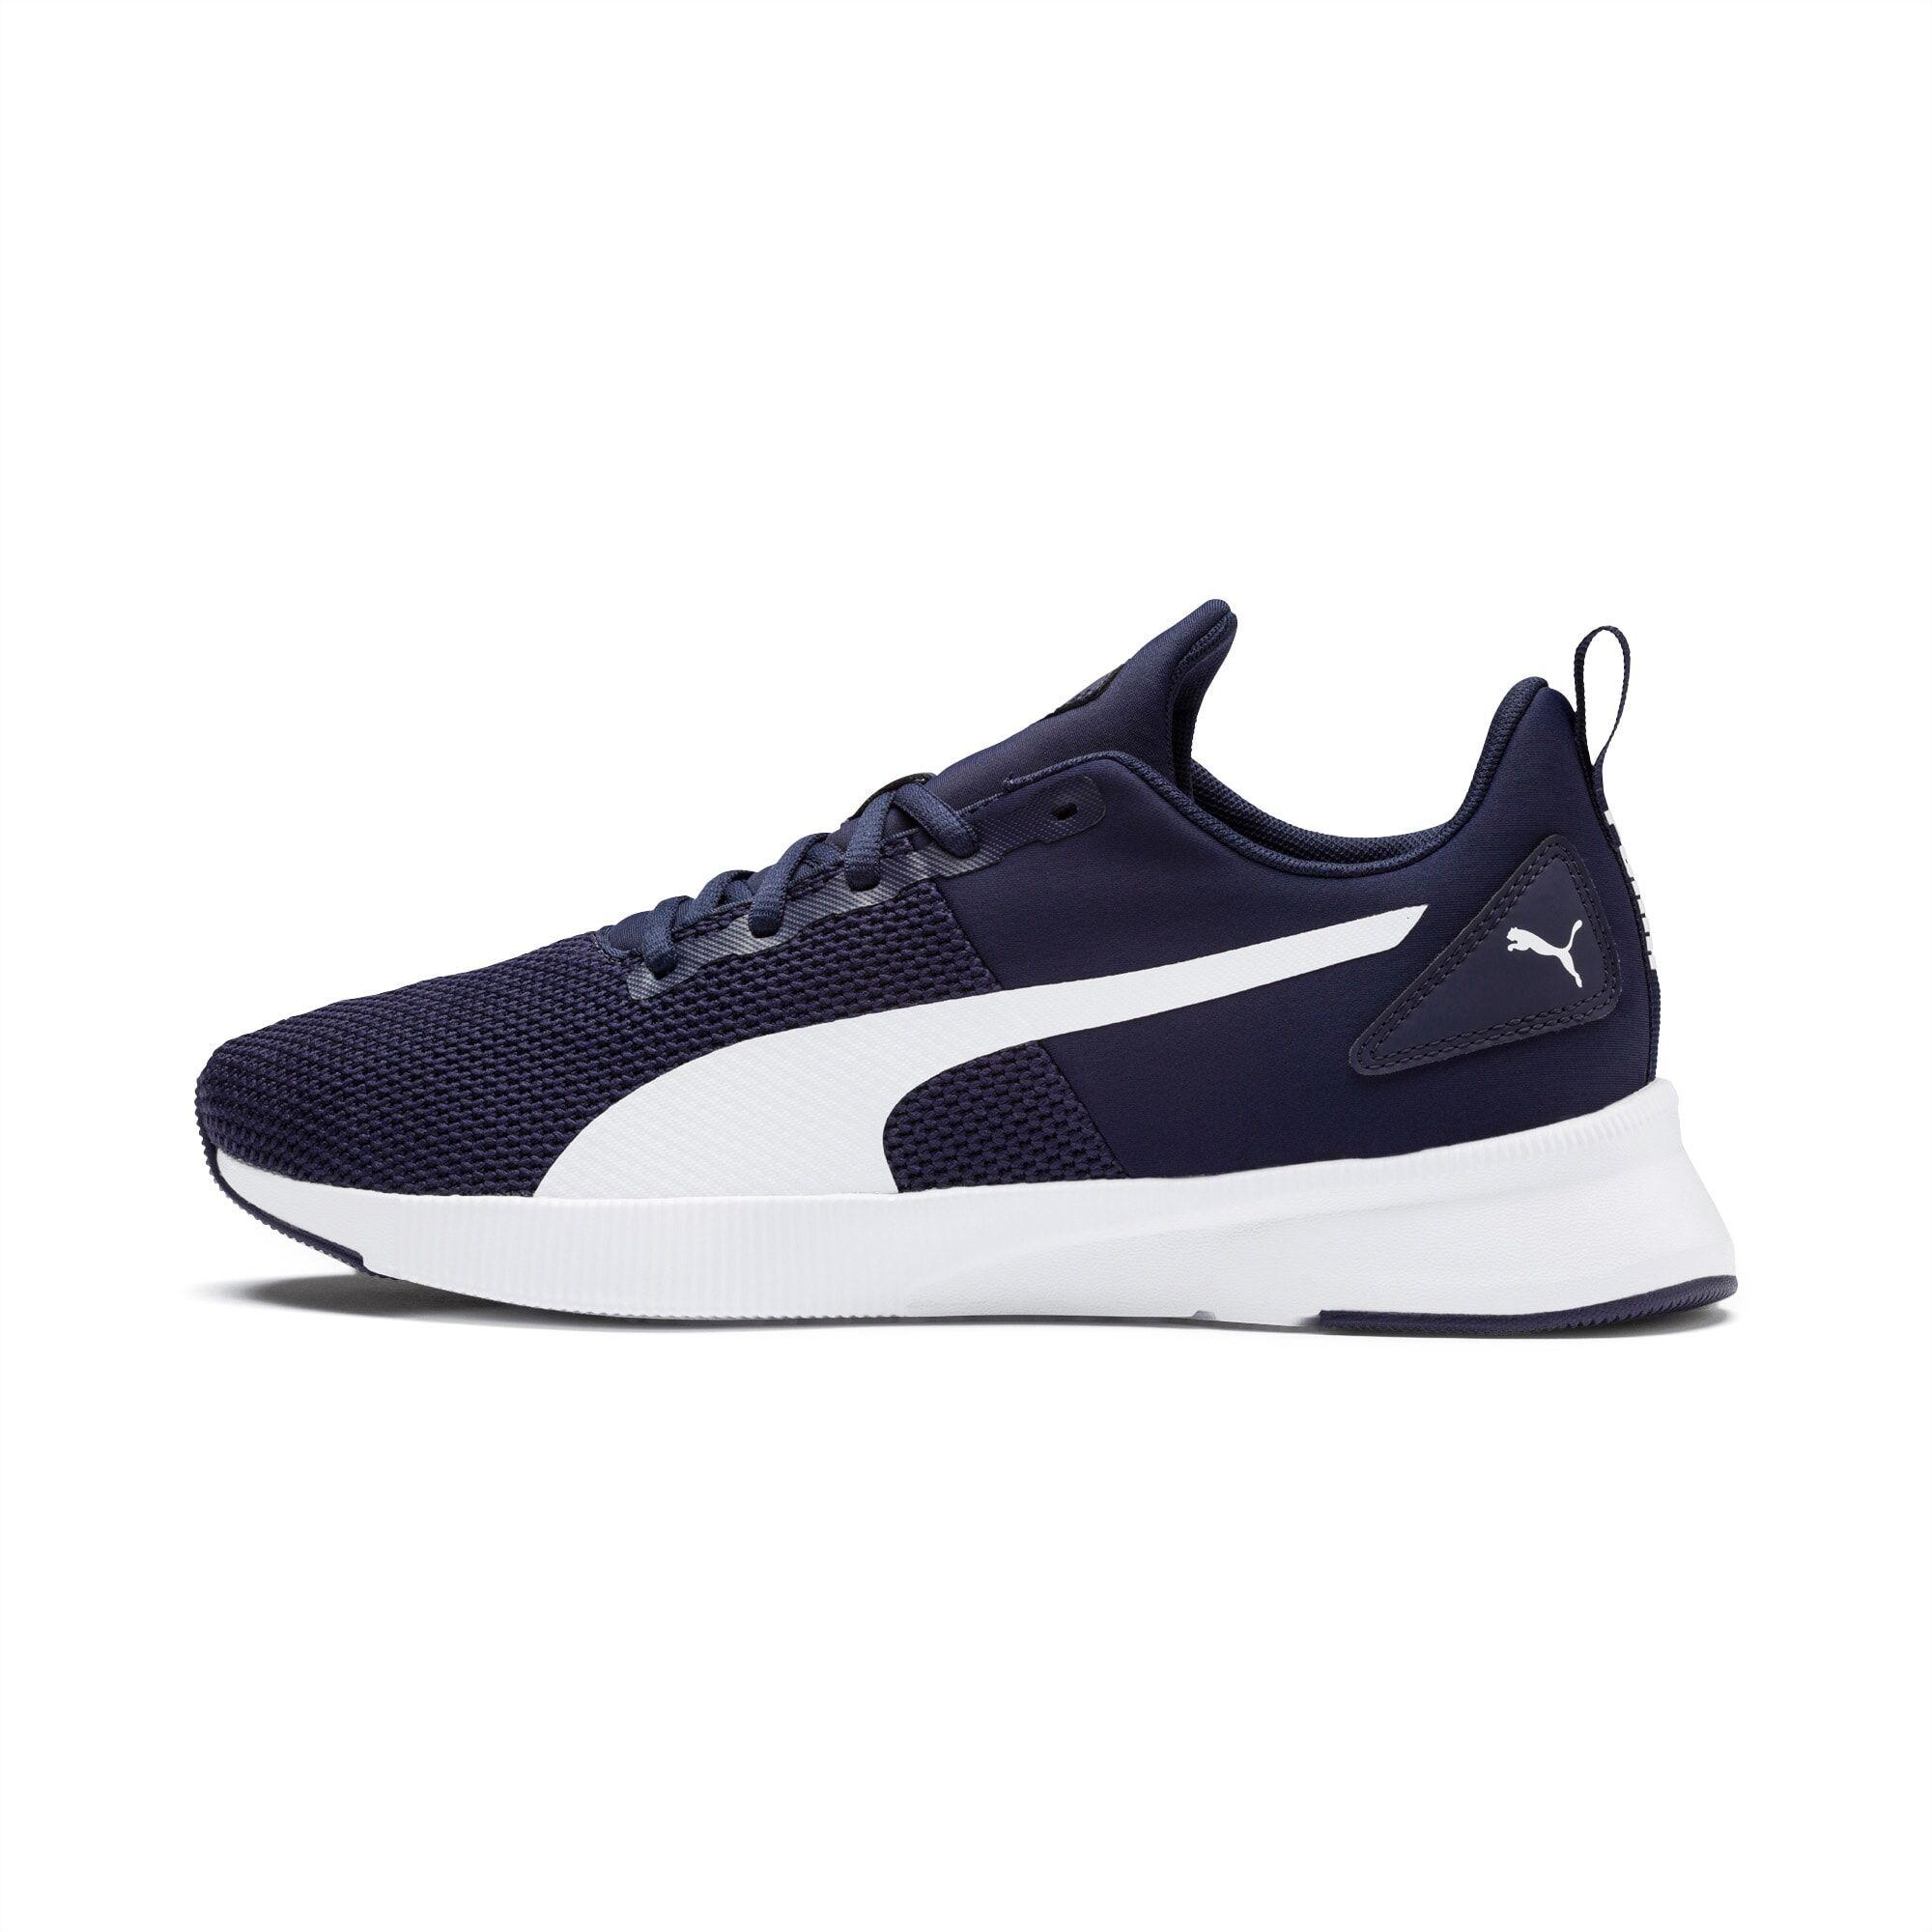 PUMA Chaussure de course Flyer Runner, Bleu/Blanc, Taille 44.5, Chaussures